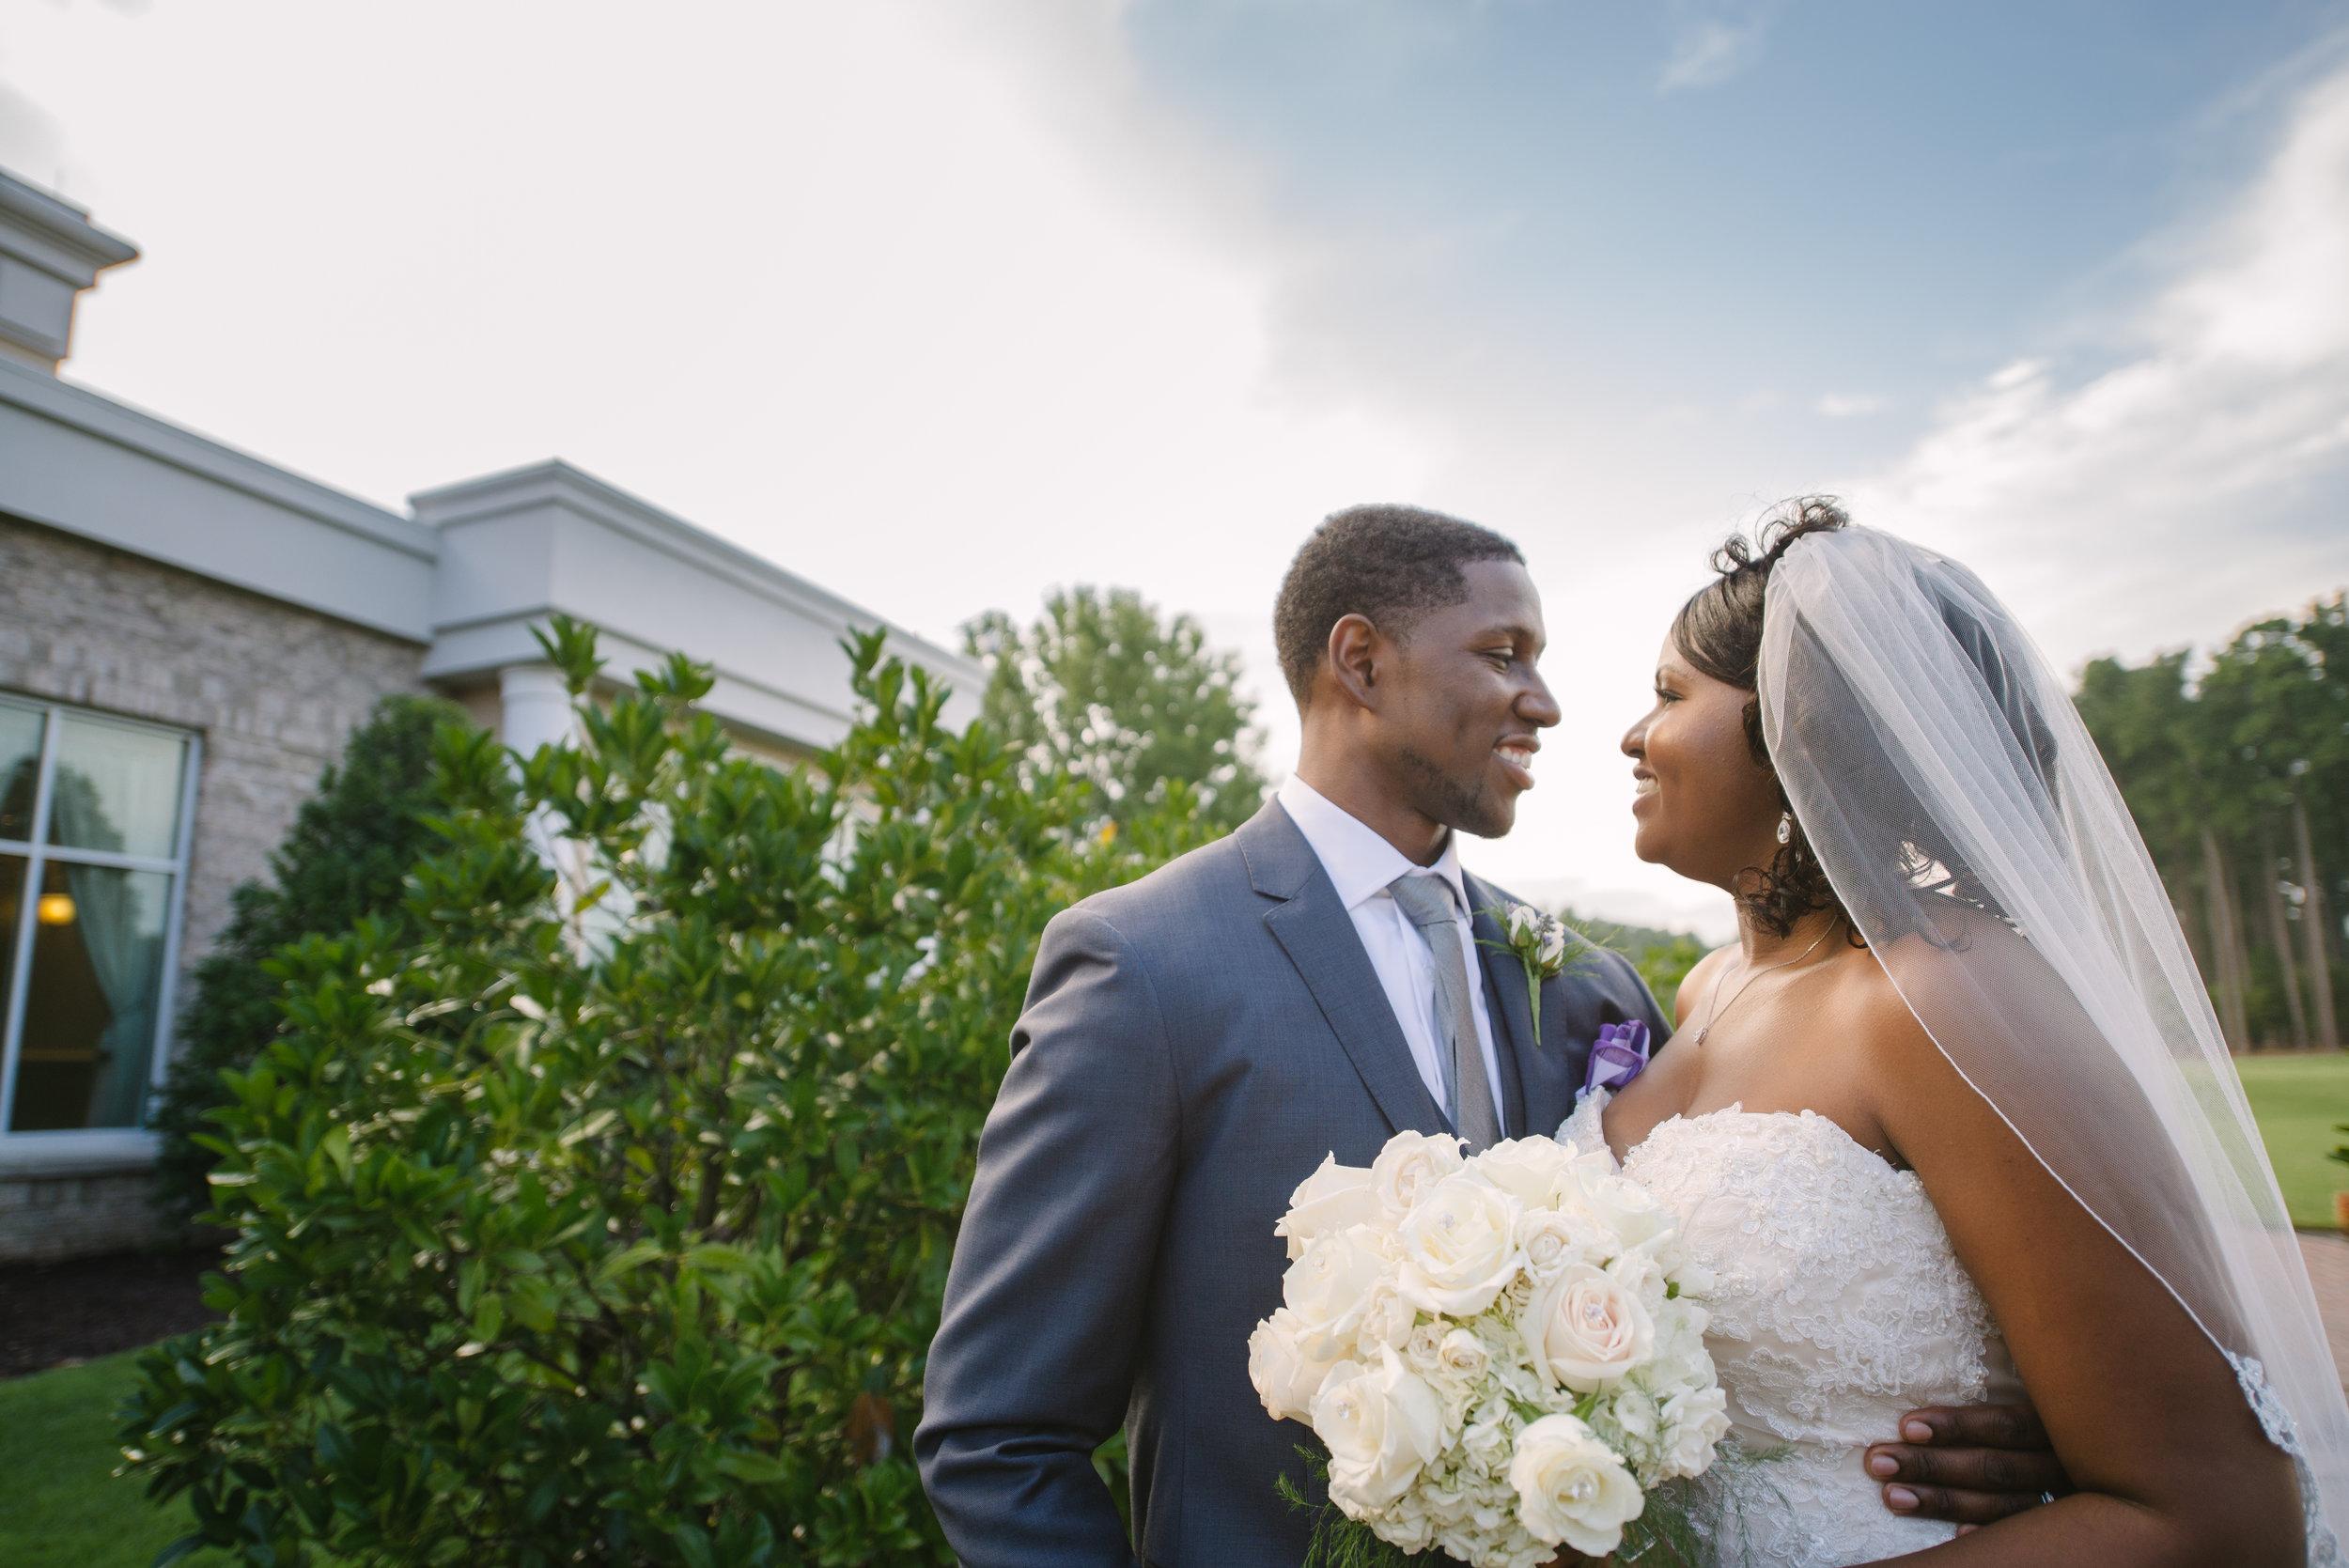 rebbie-alexander-married-319.jpg